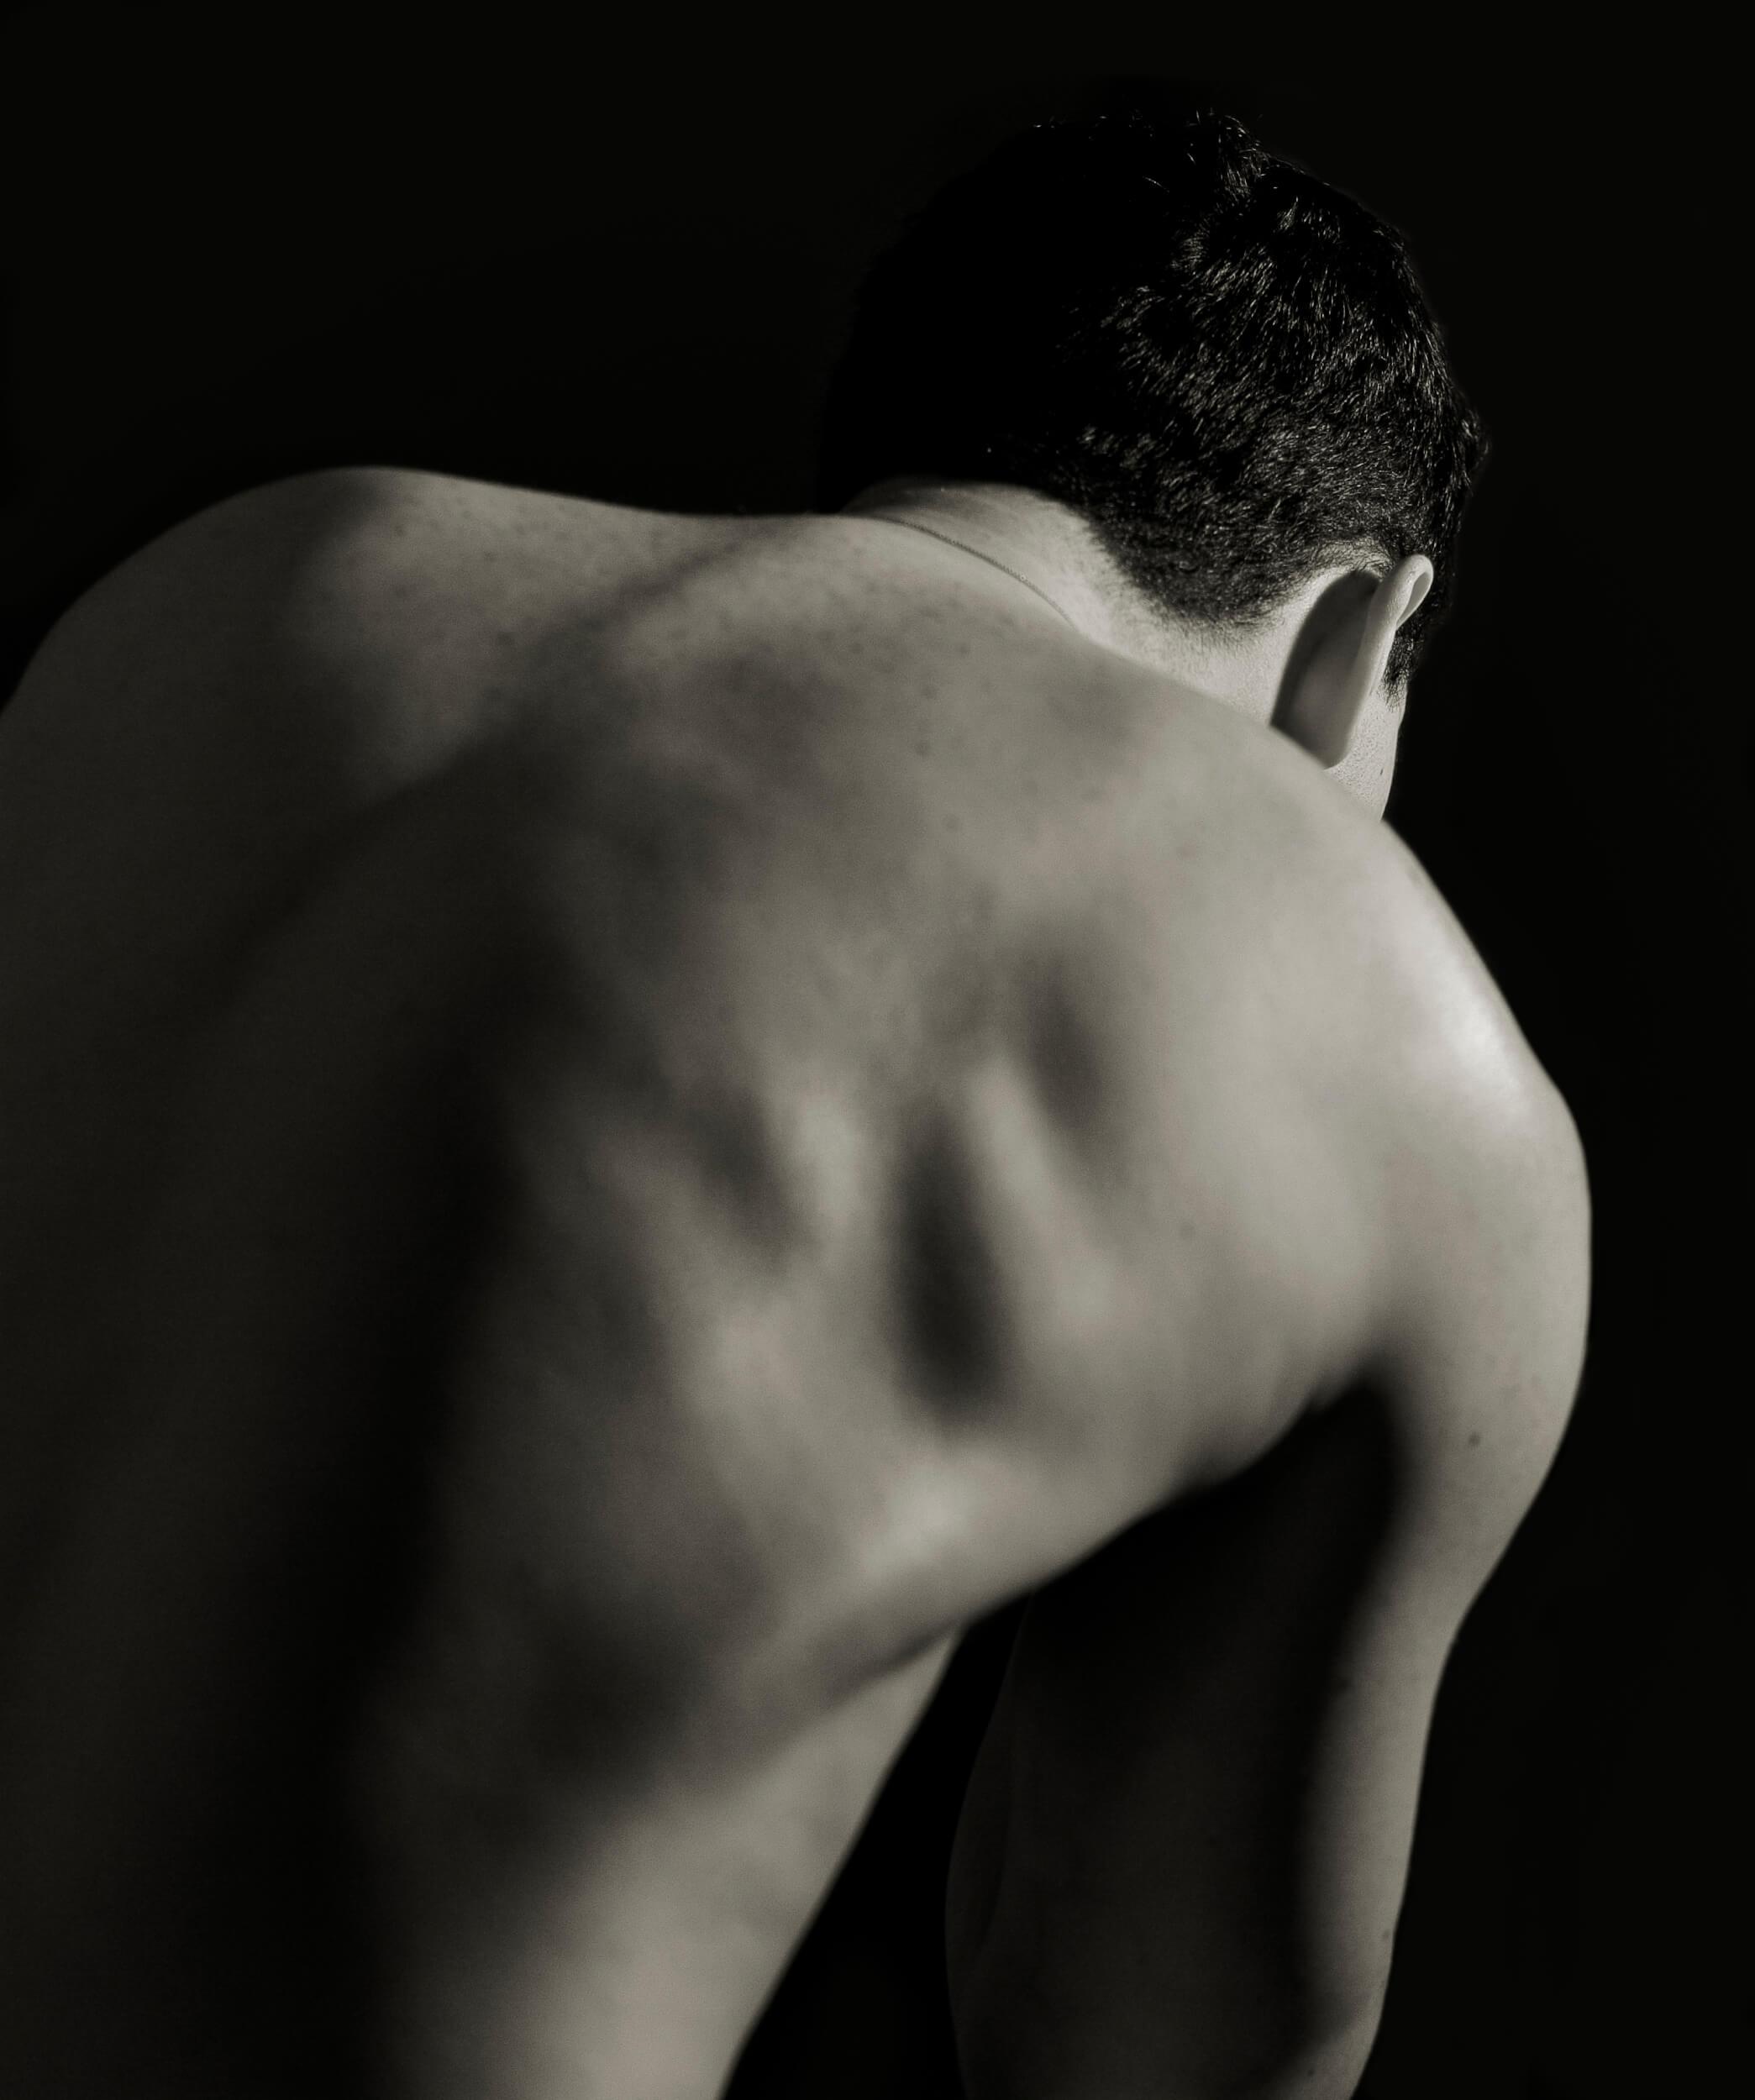 gekrümmter Rücken als Anzeichen von Skoliose (c) Sergej23 / pixelio.de